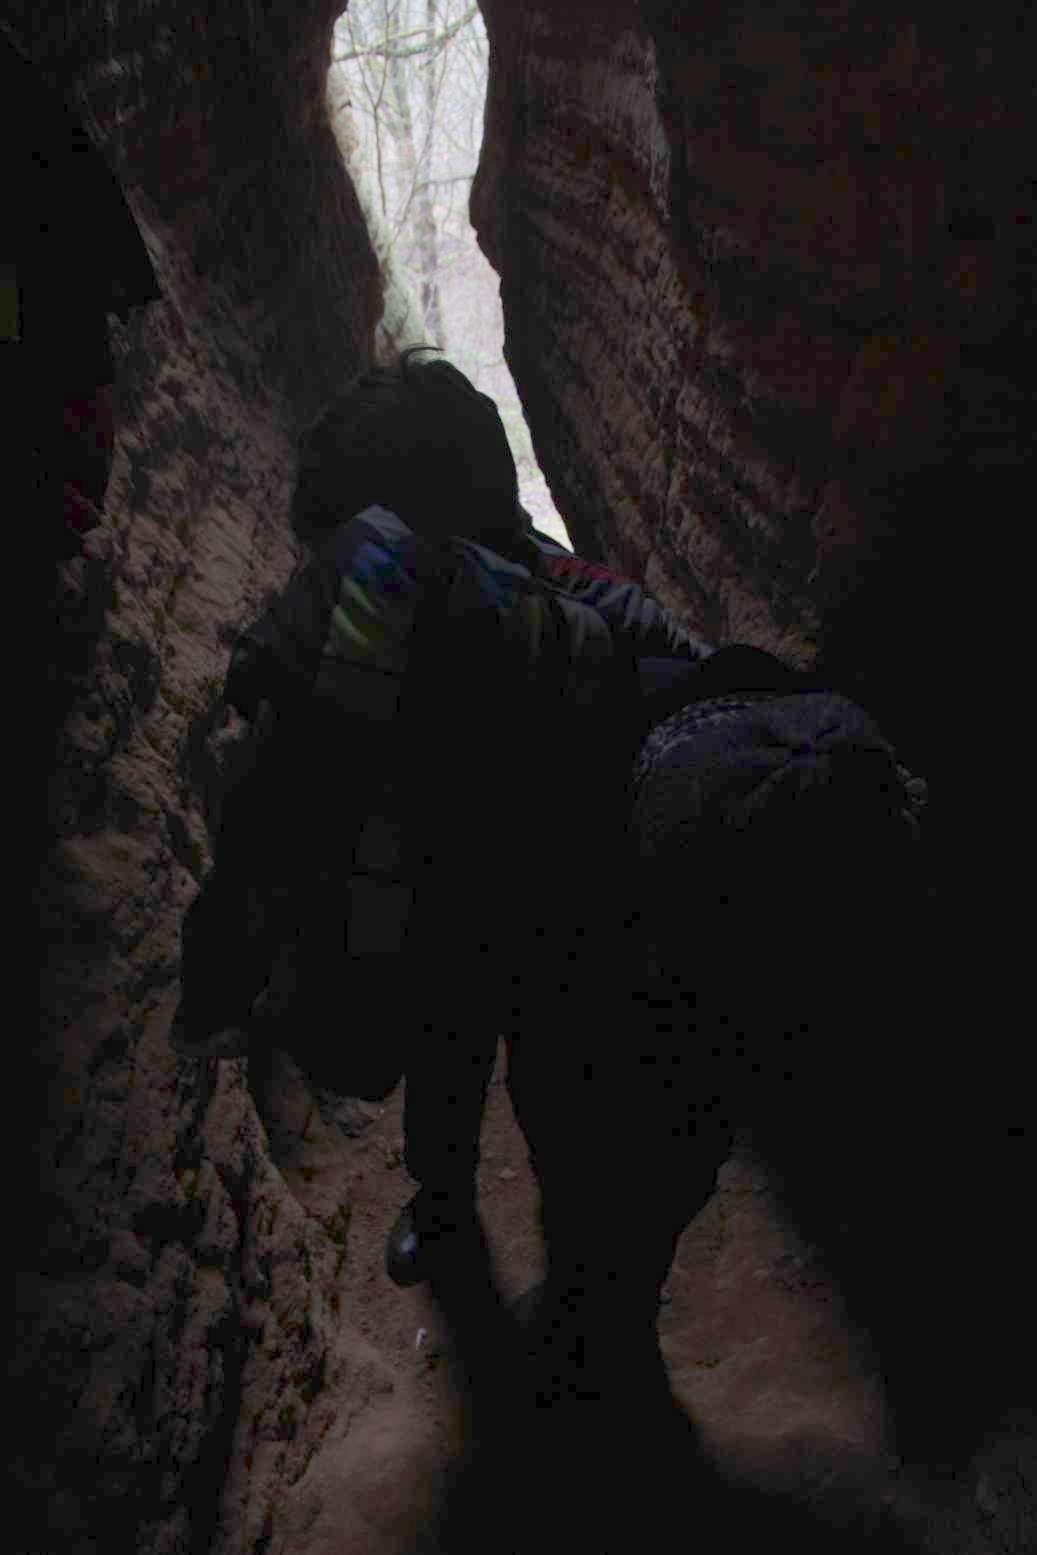 V portálové jeskyni většina volí jednoduchou cestu